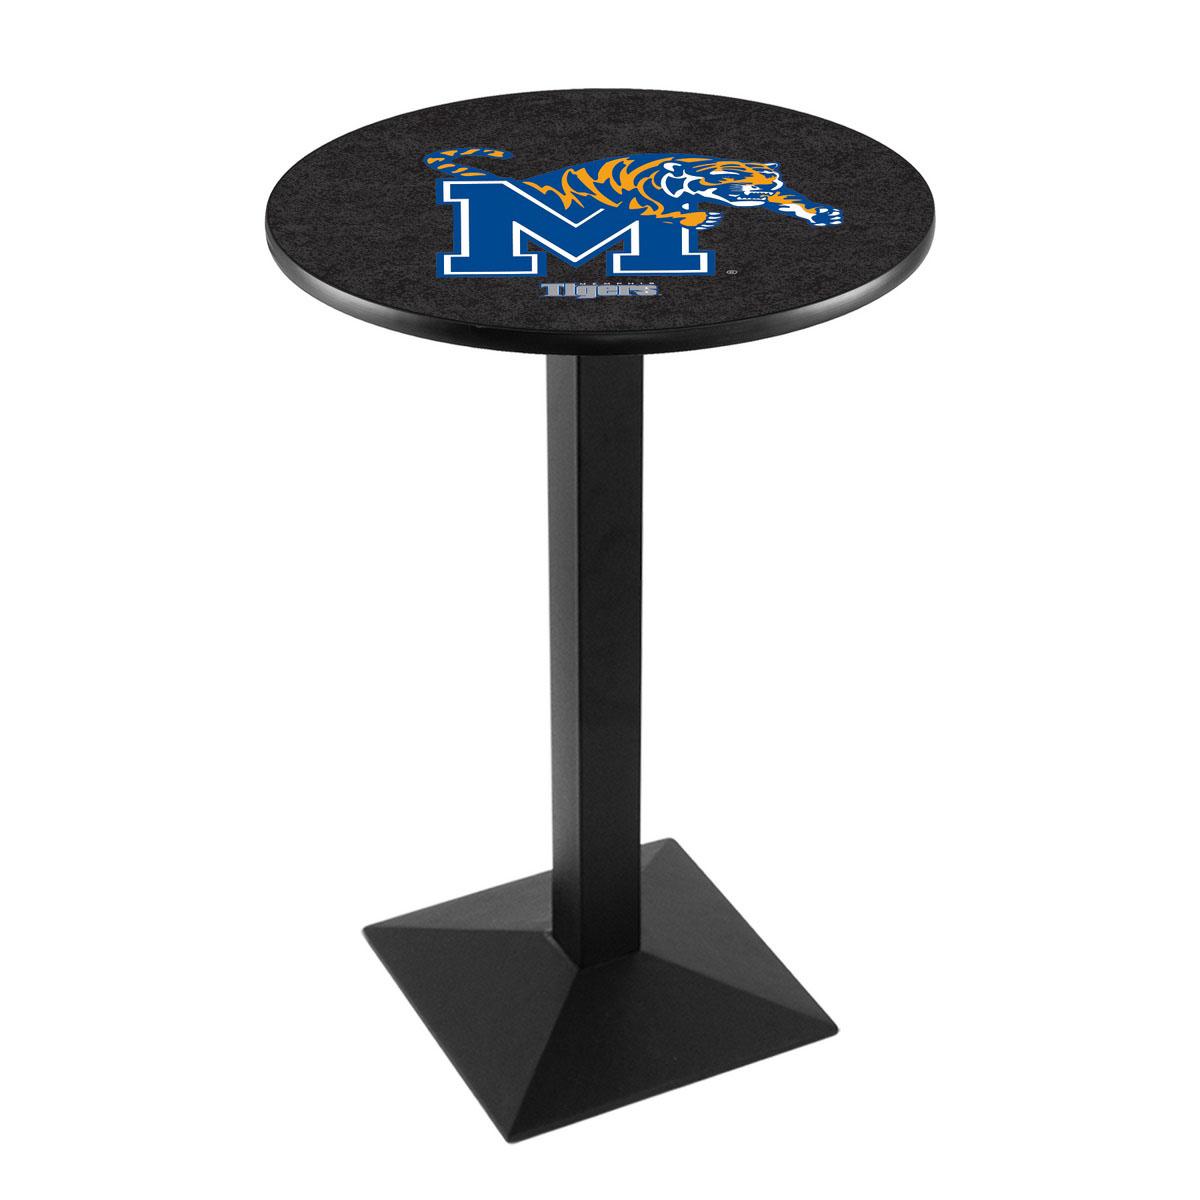 Stylish University Memphis Logo Pub Bar Table Square Stand 28 2727